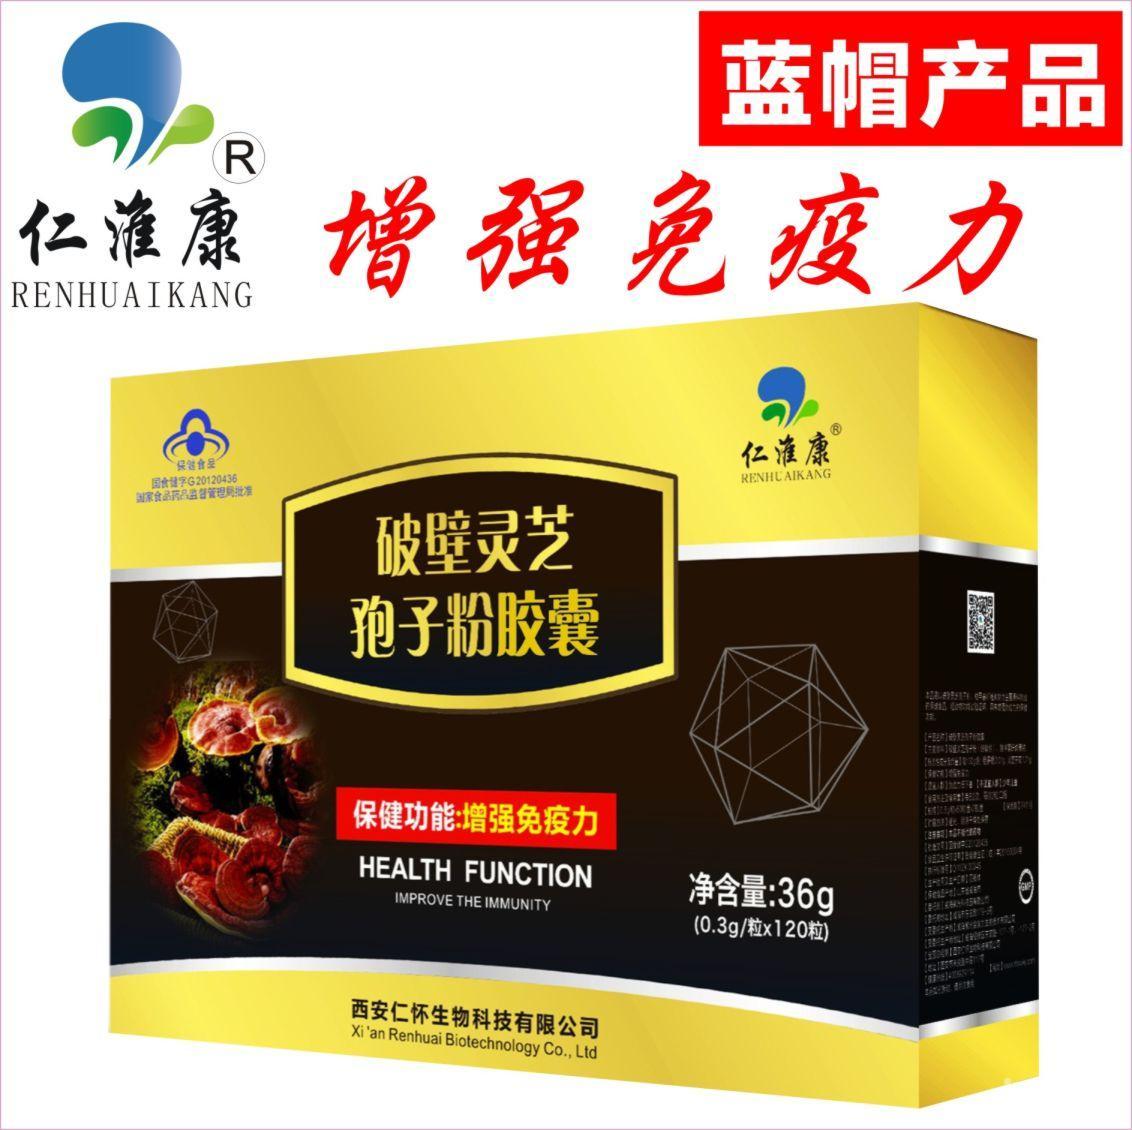 仁淮康 破壁灵芝孢子粉胶囊  提高免疫力  排毒养肝